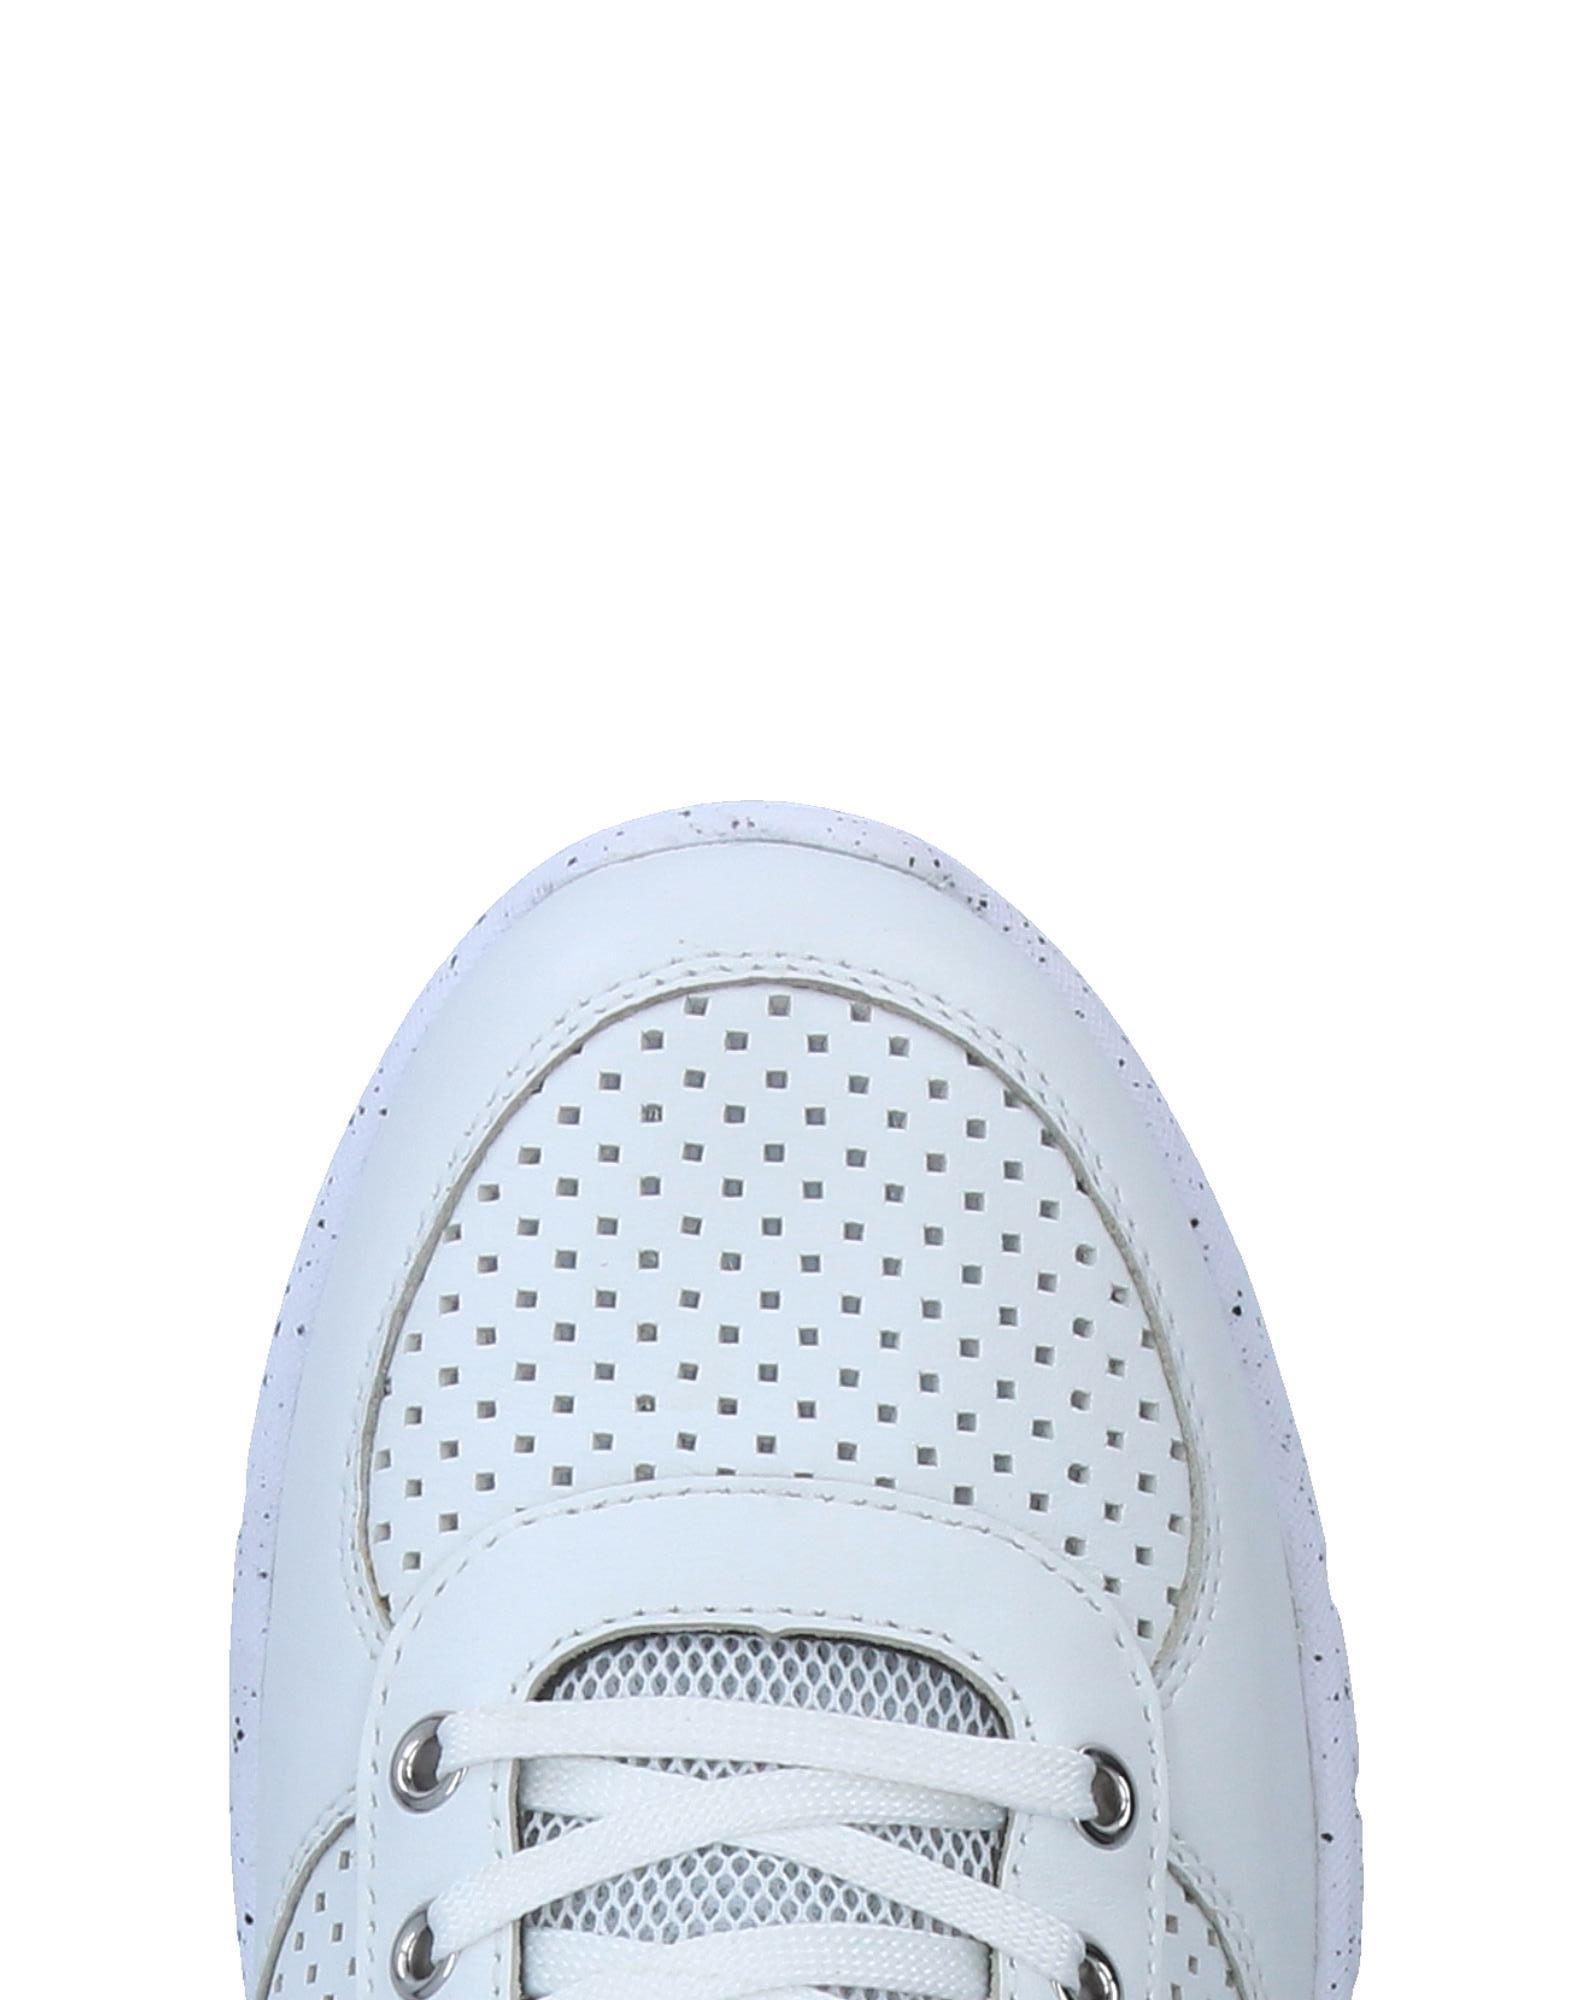 Dolce & Gabbana Neue Sneakers Herren  11270709VS Neue Gabbana Schuhe dd3526